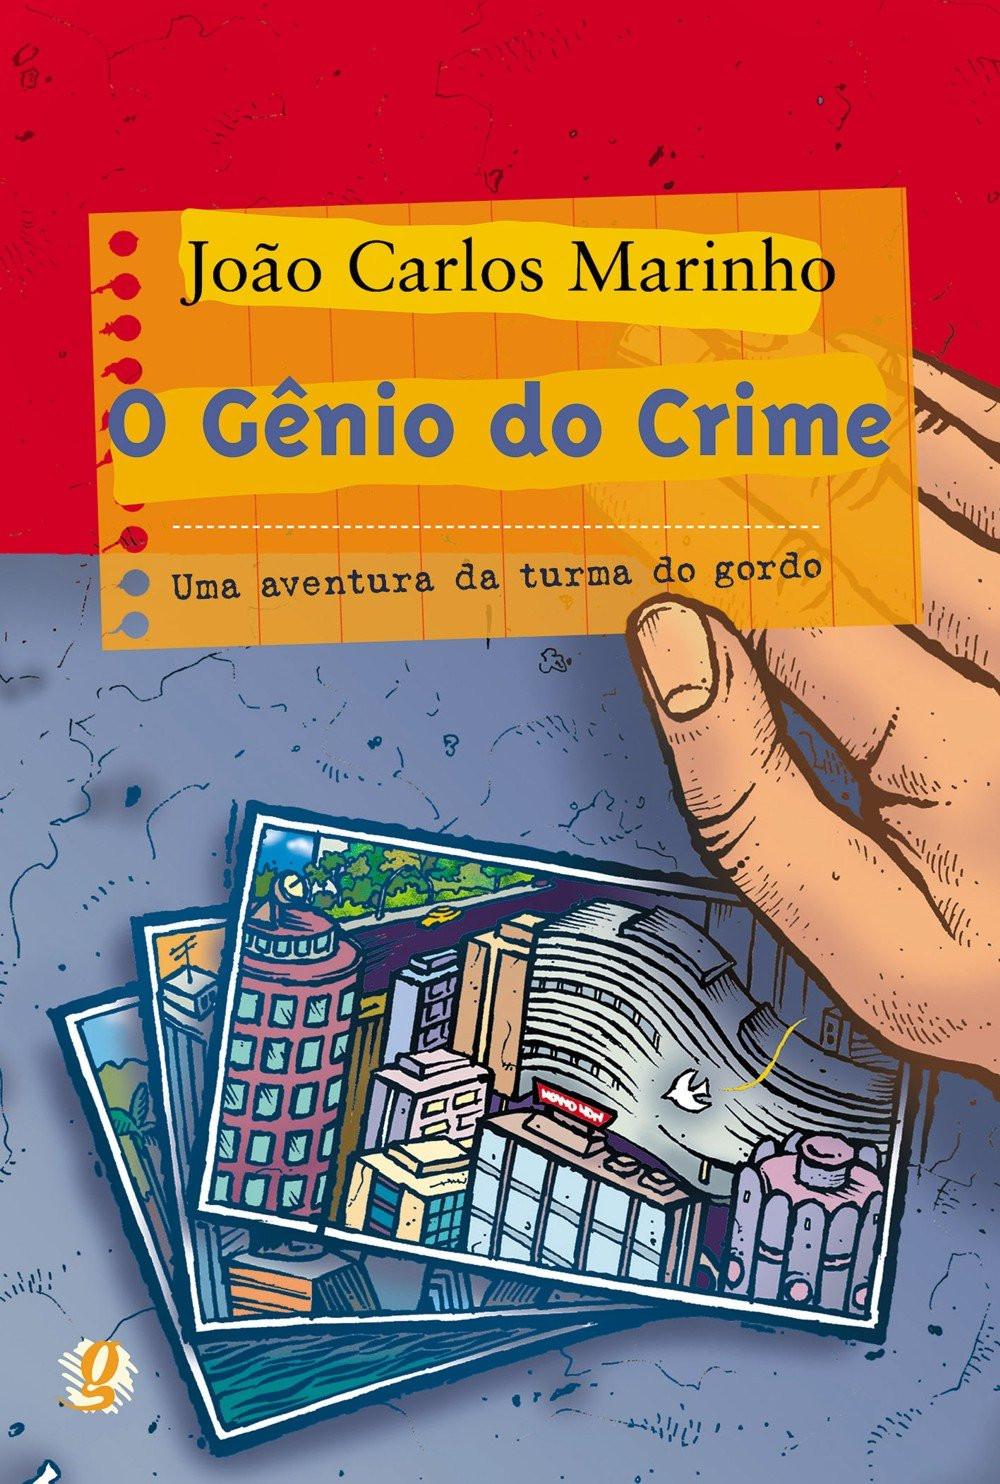 O Gênio do Crime João Carlos Marinho Silva